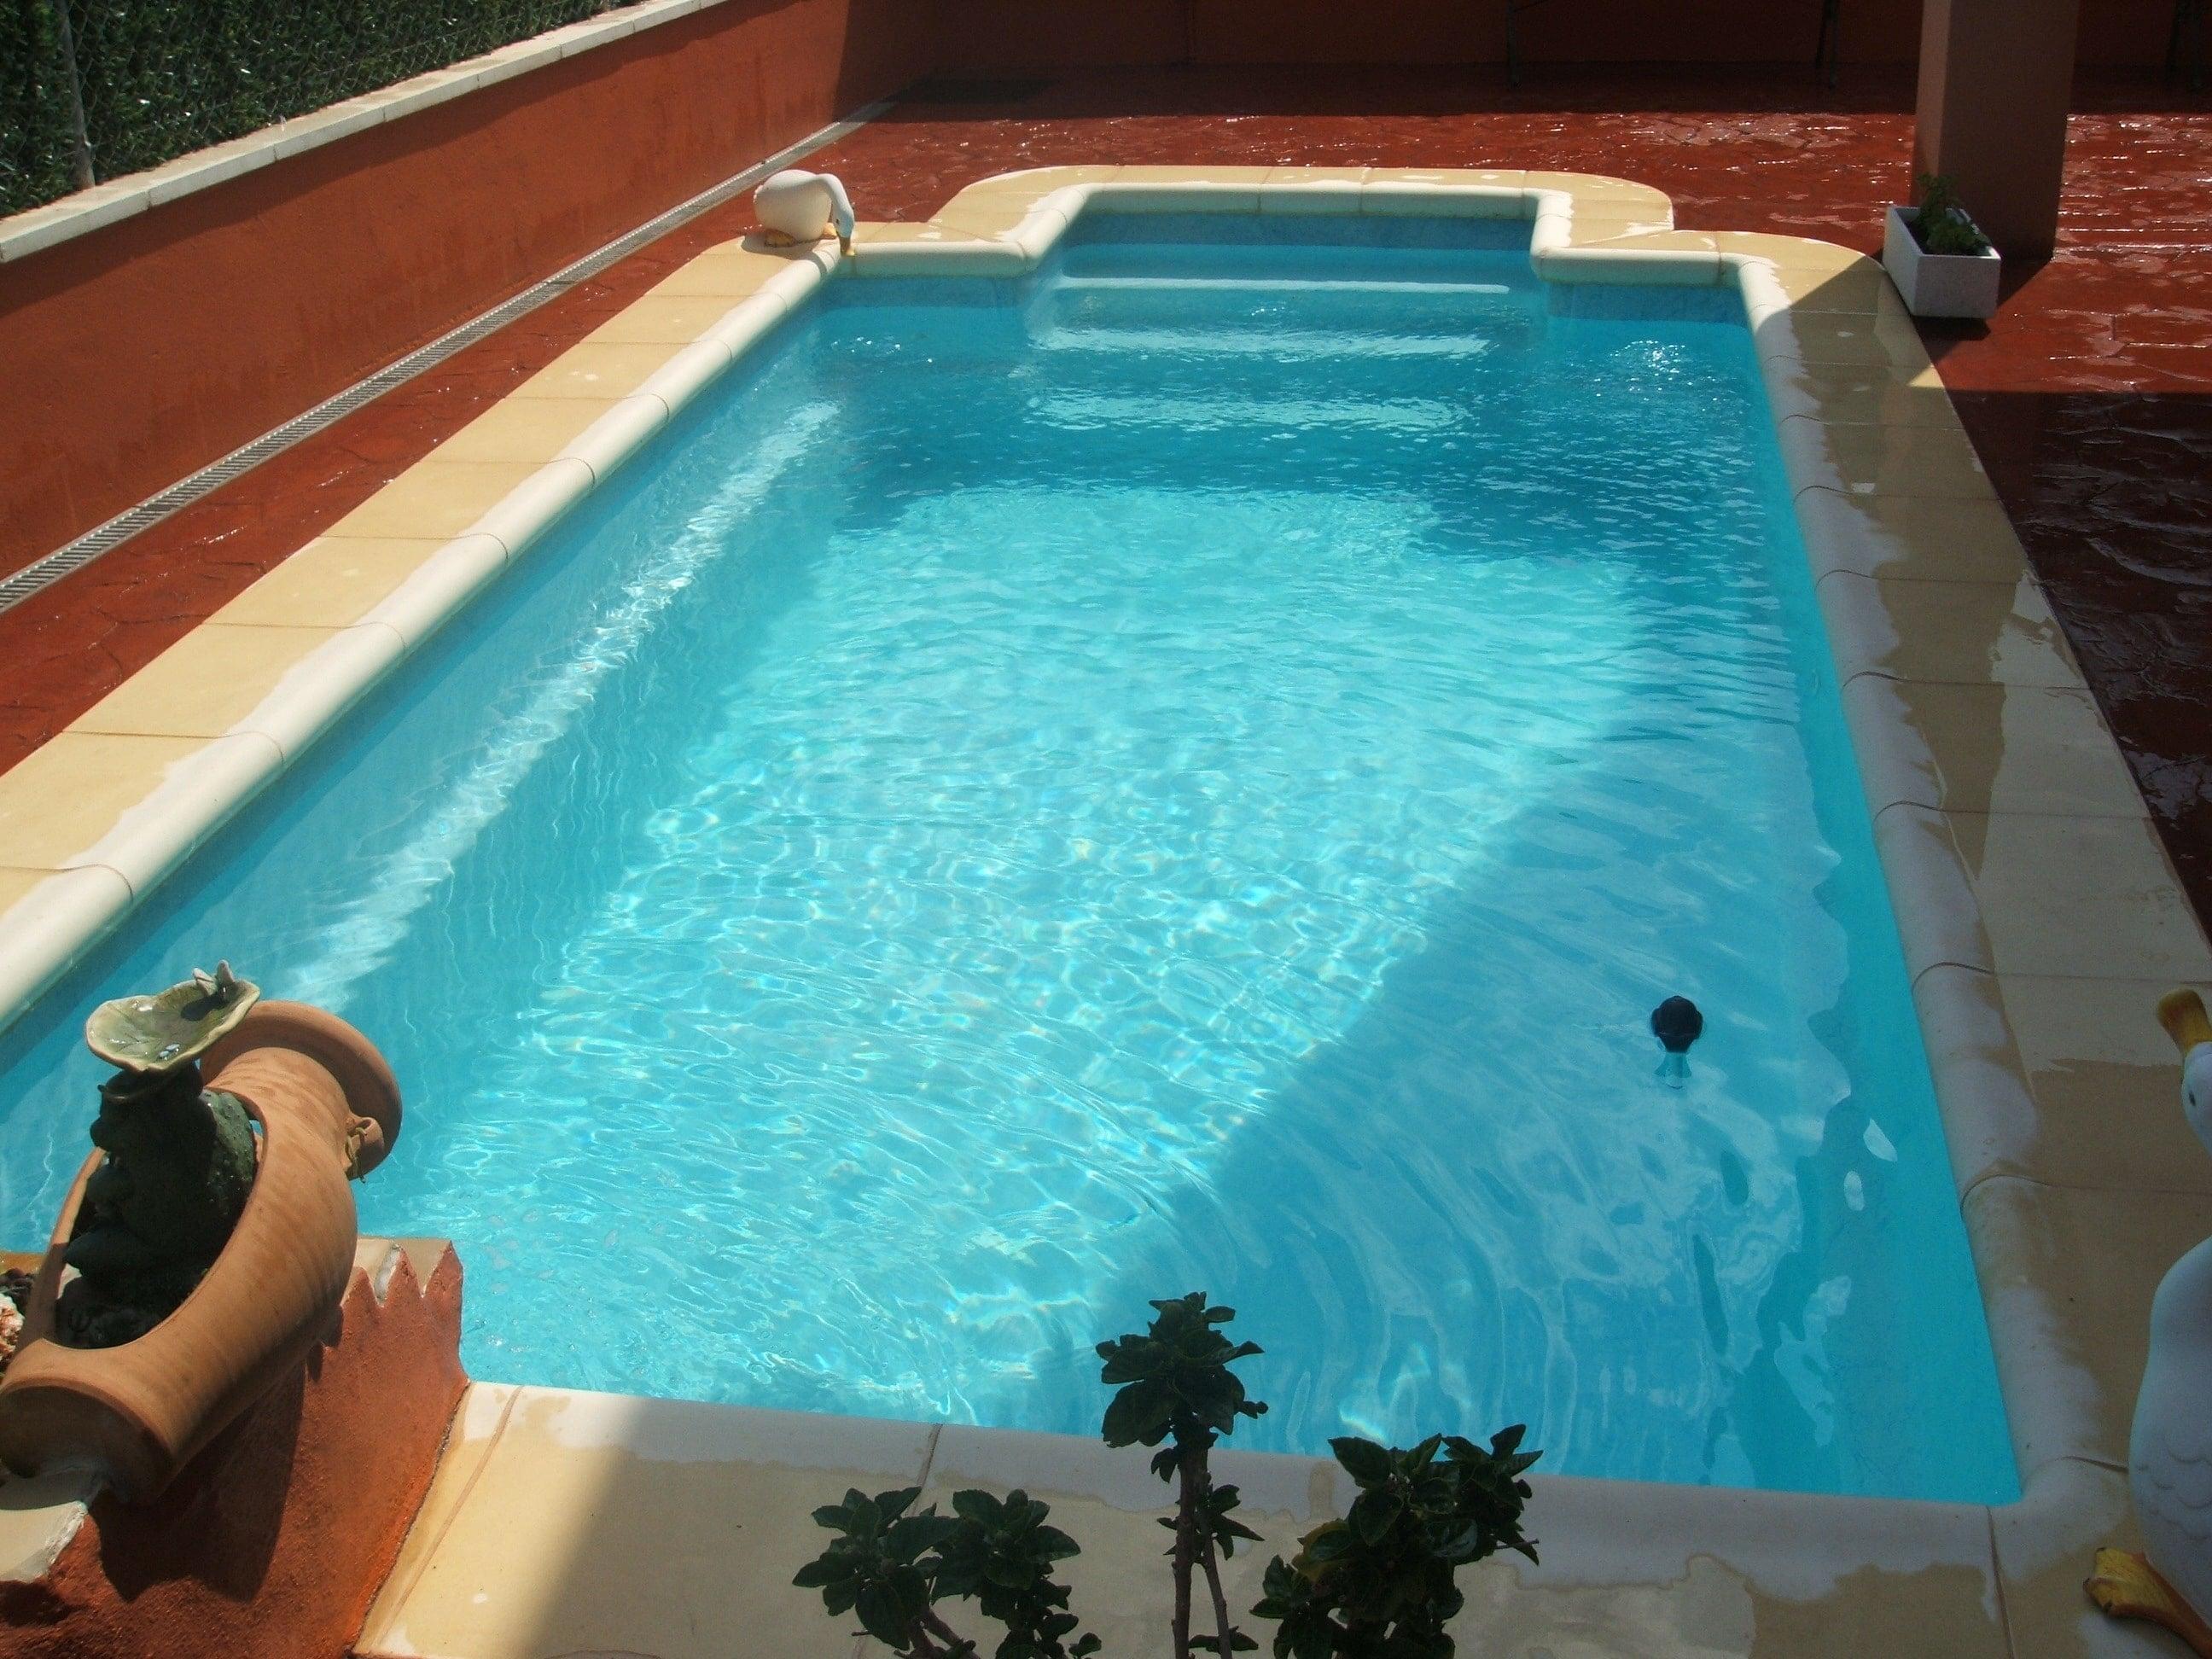 Les piscines avec escalier d 39 angle prix usine for Piscine les angles